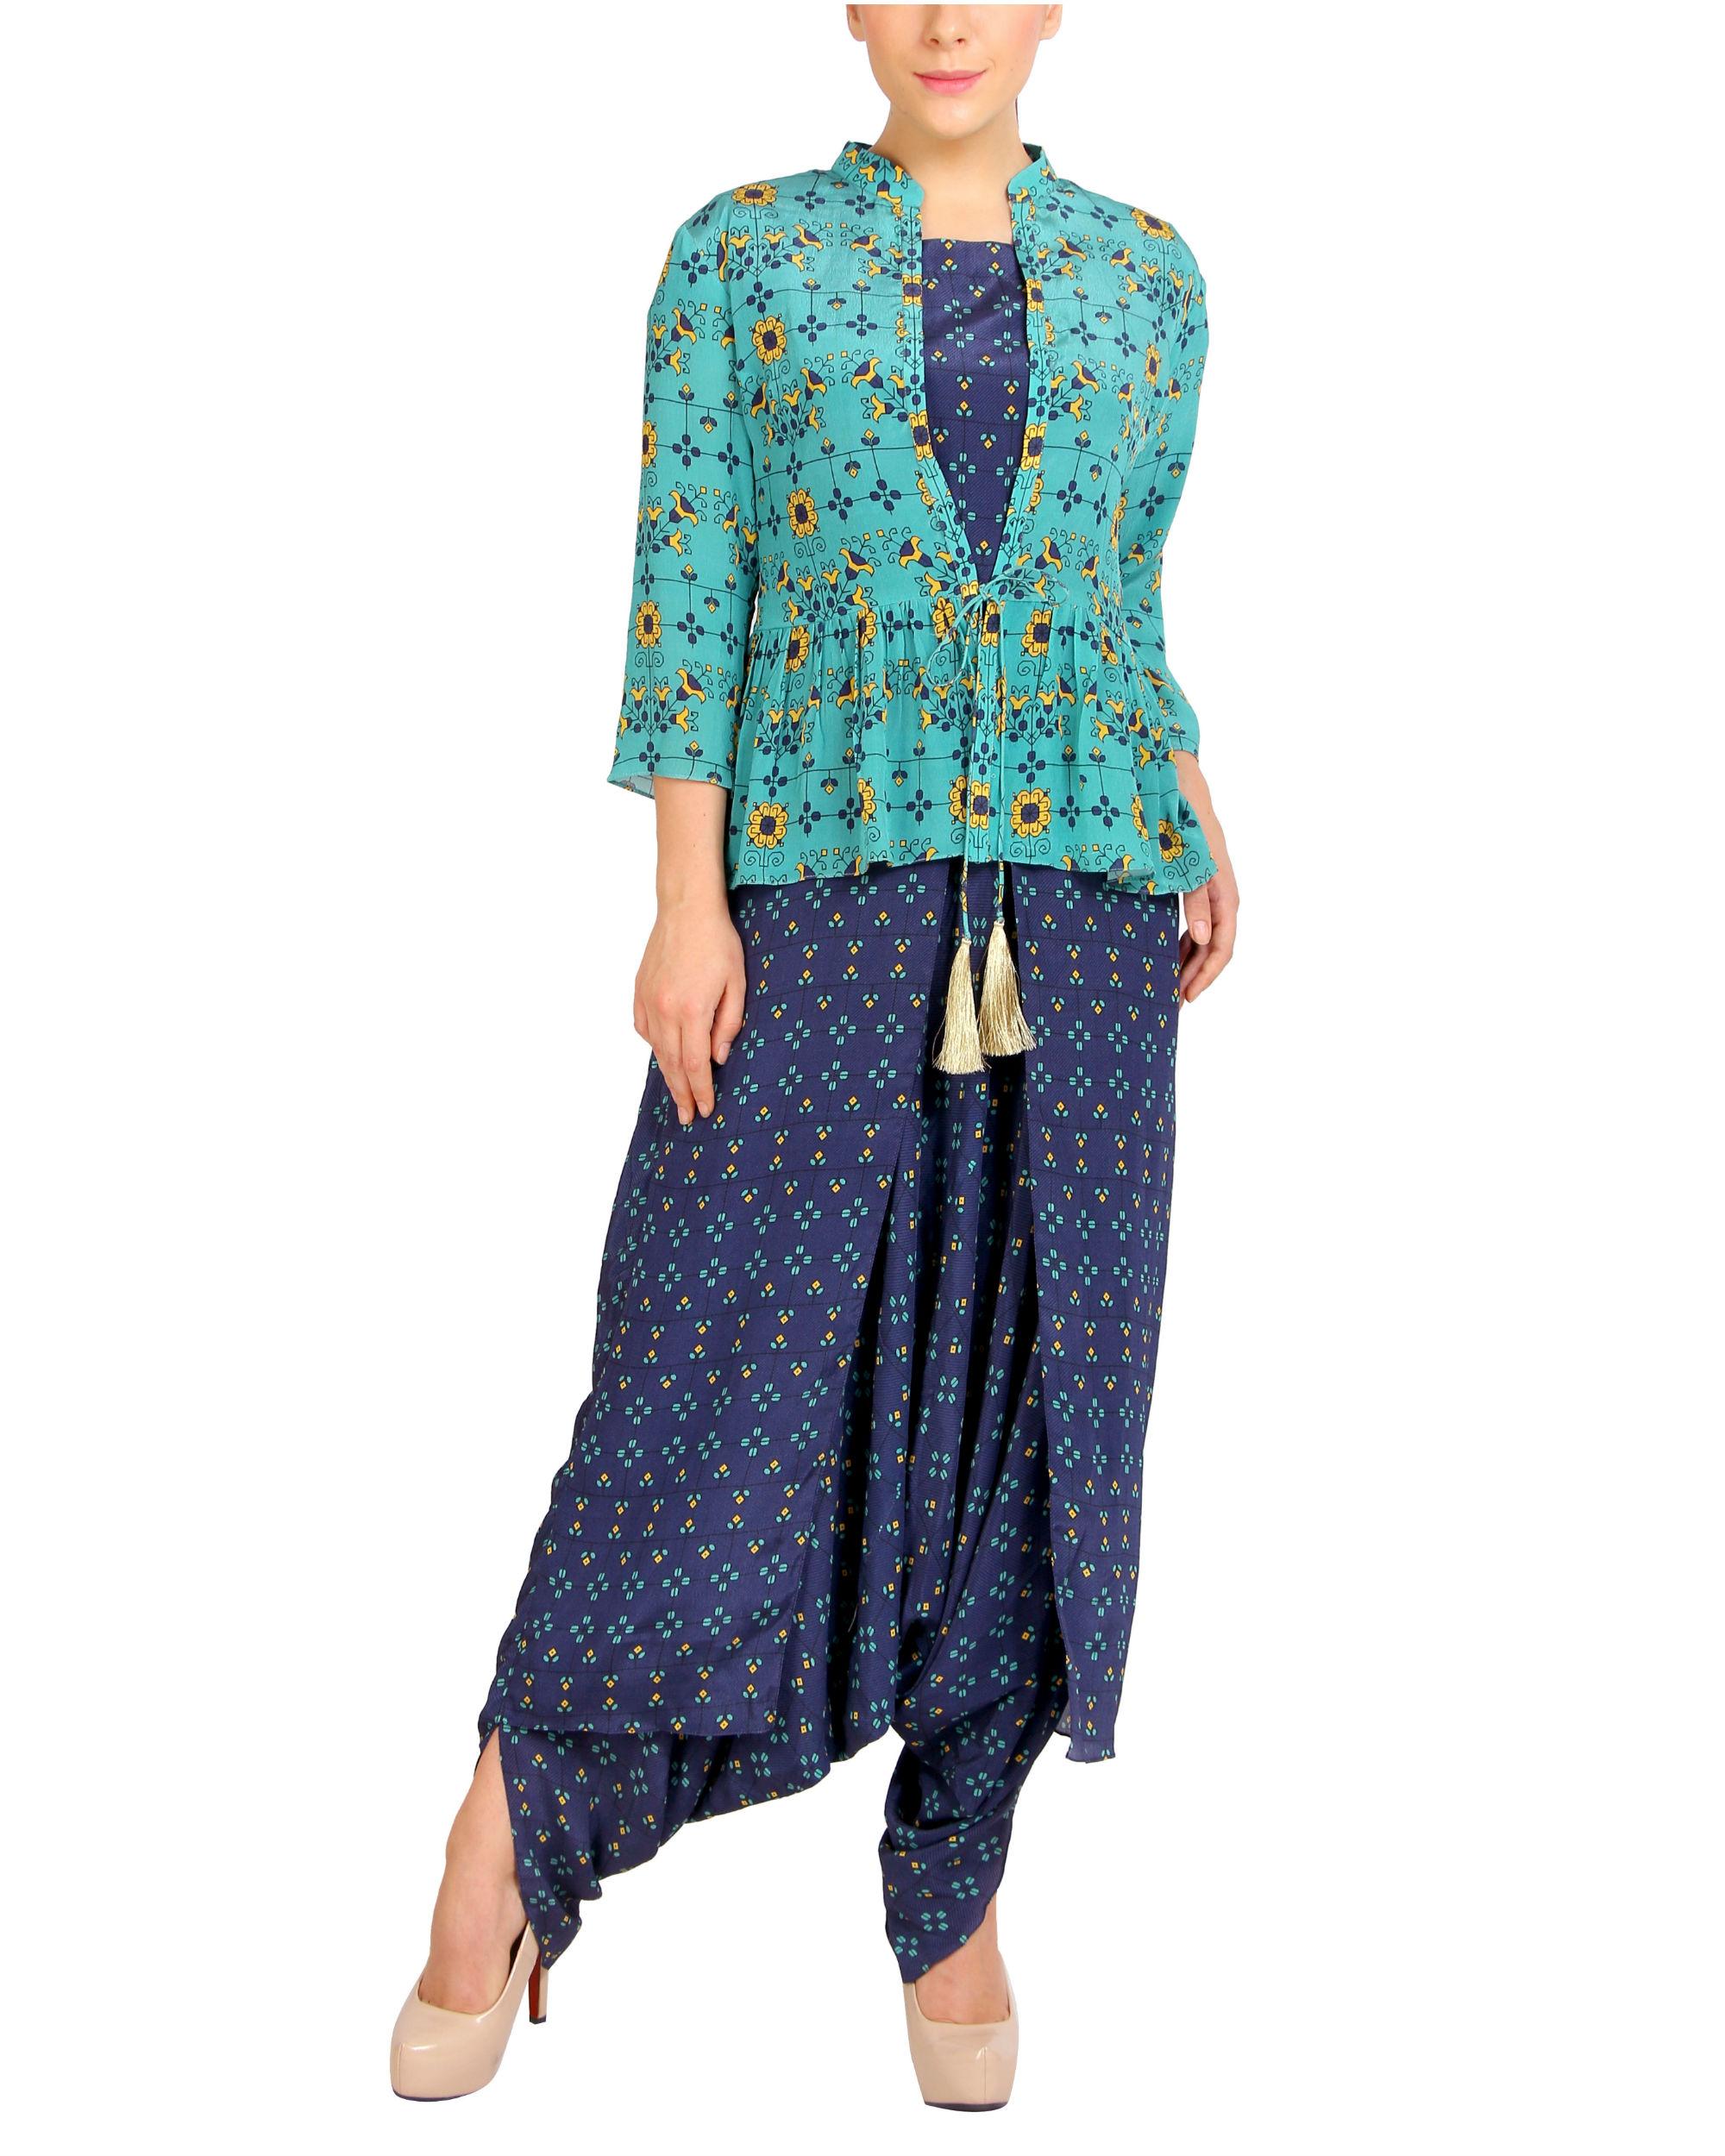 Blue harem jumpsuit with ruffled jacket